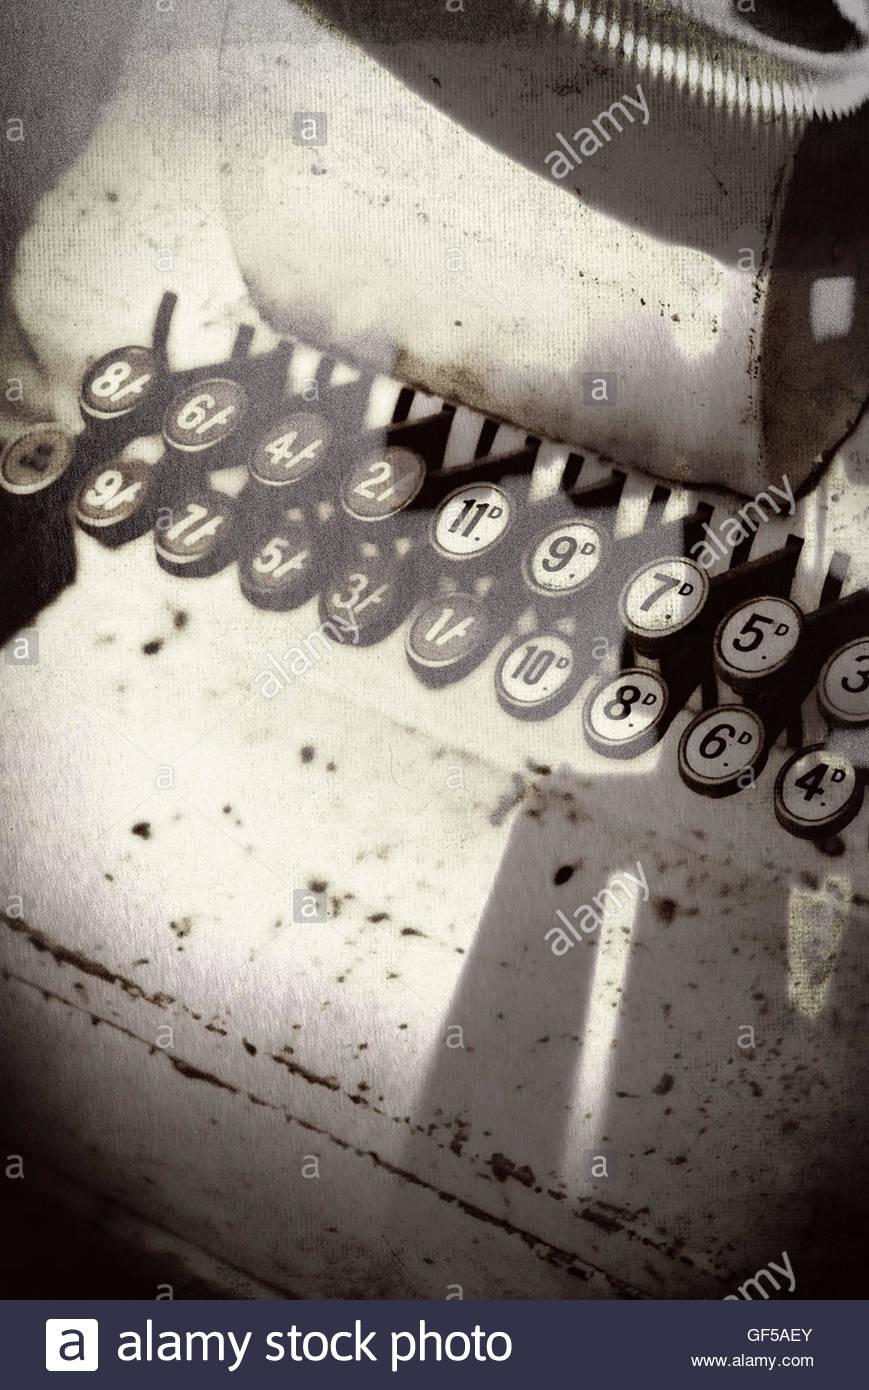 Vintage-Shop bis zum Schlüssel stimmungsvolle Bild mit starken Schatten Stockfoto